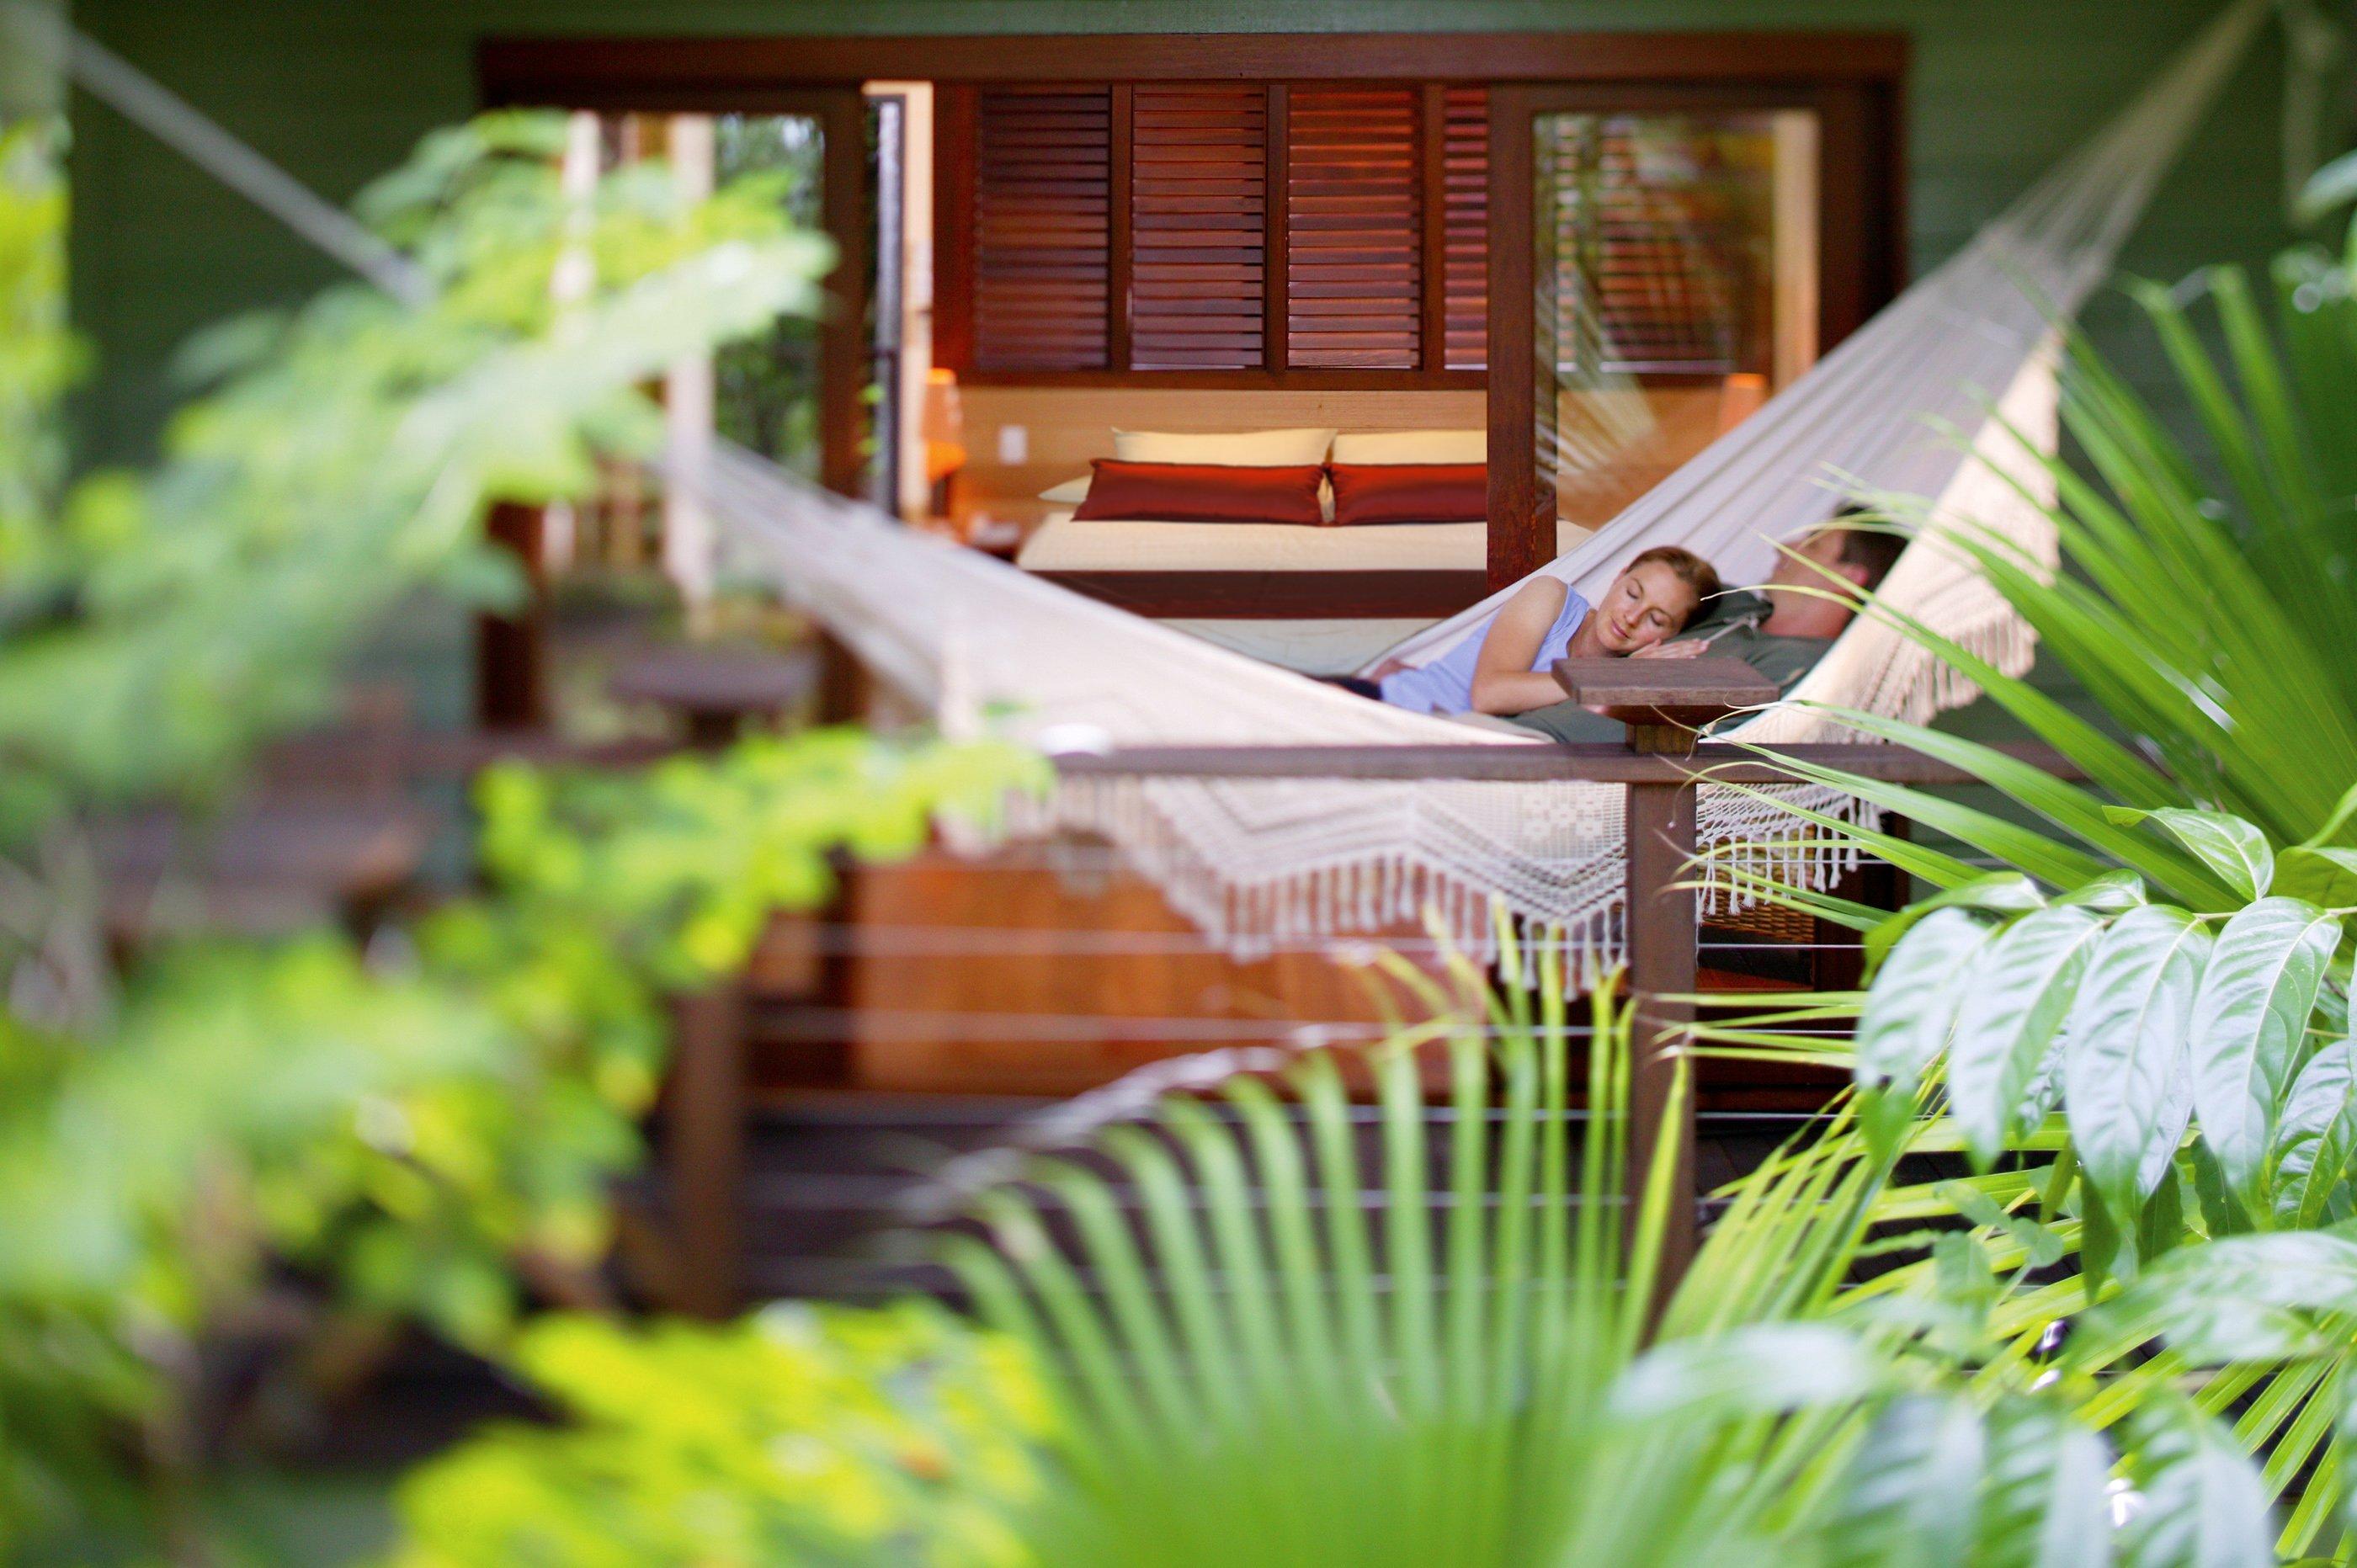 Sleep amongst the rainforest canopy in the Silky Oaks Tree House room